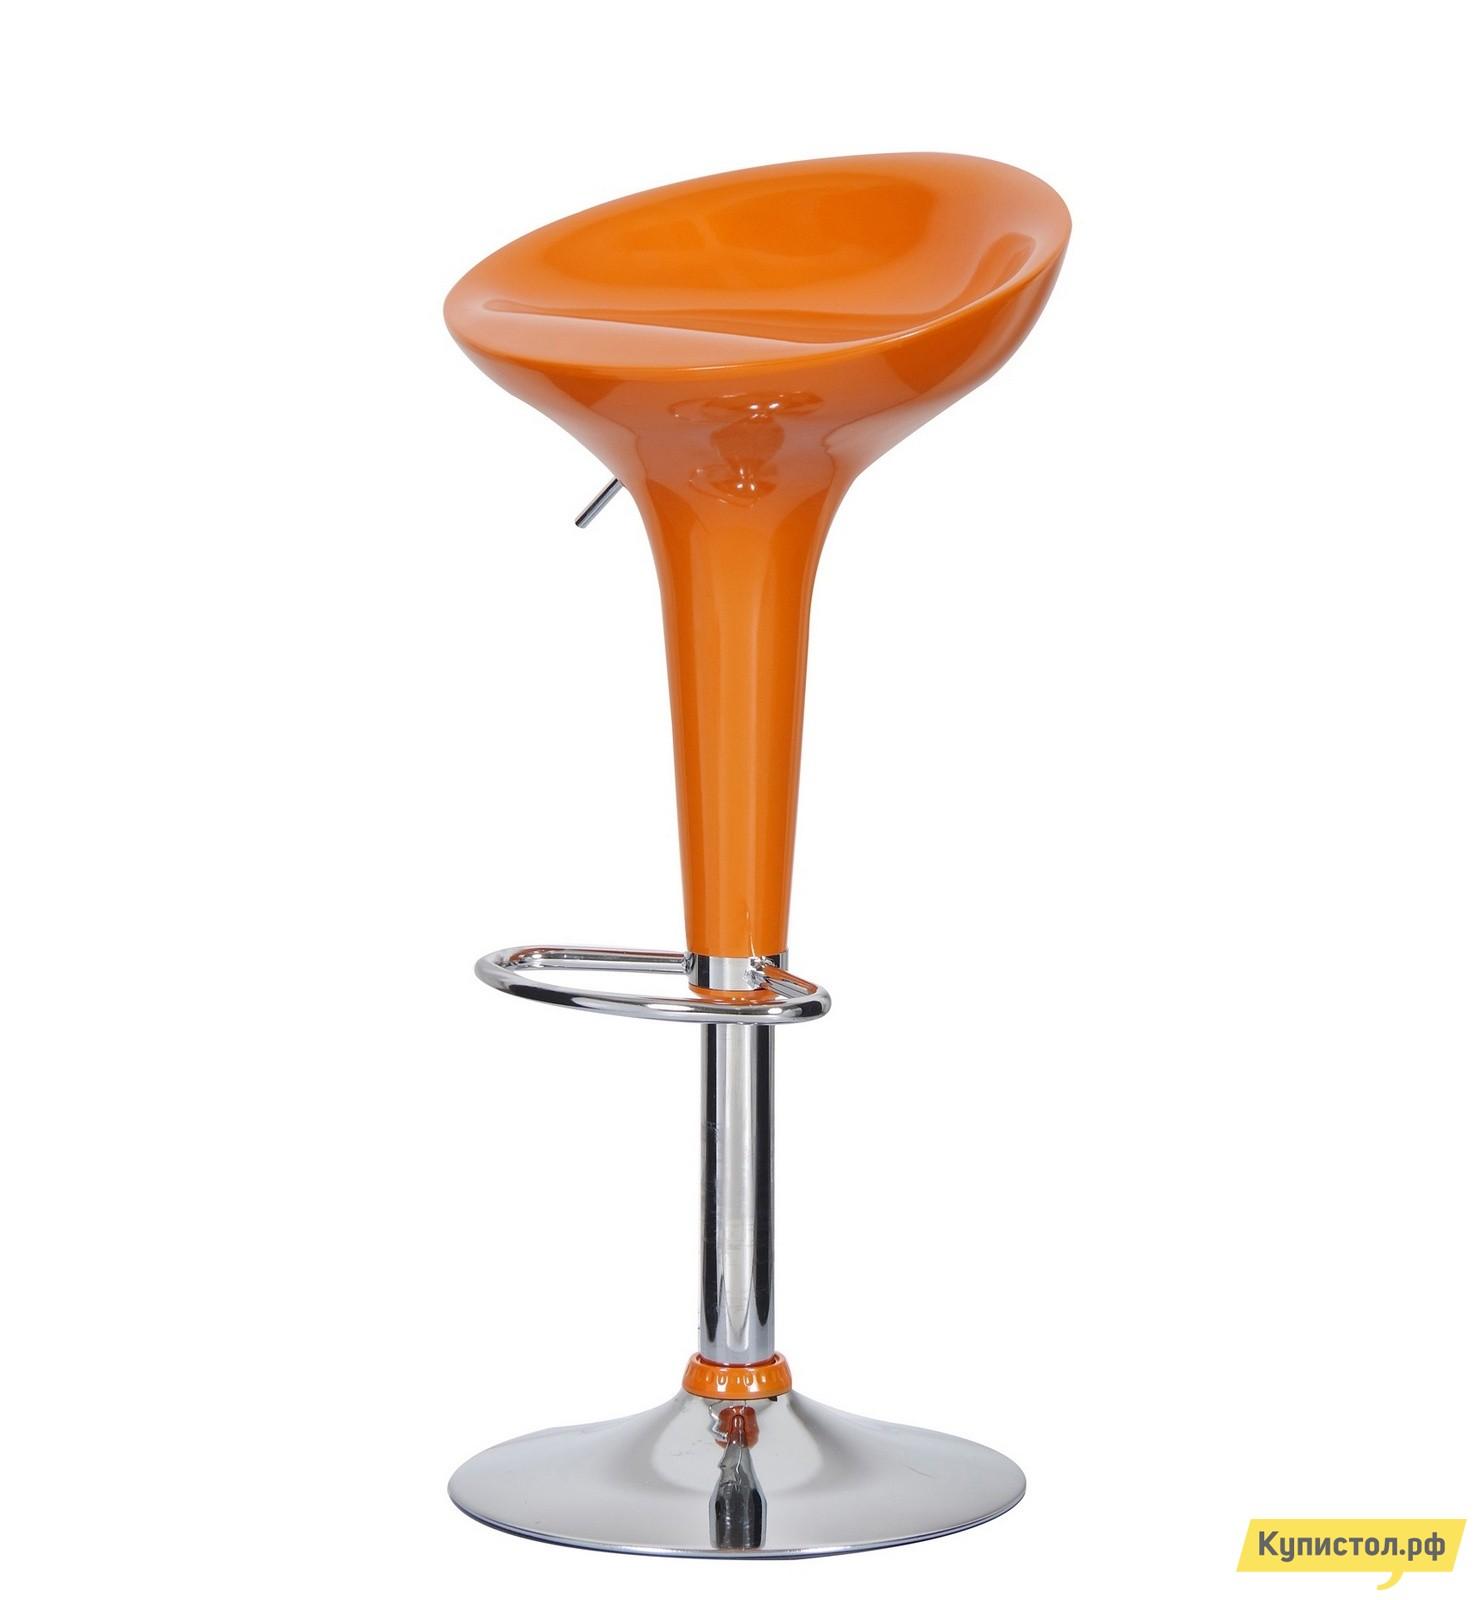 Барный стул STOOL GROUP Бомба Оранжевый